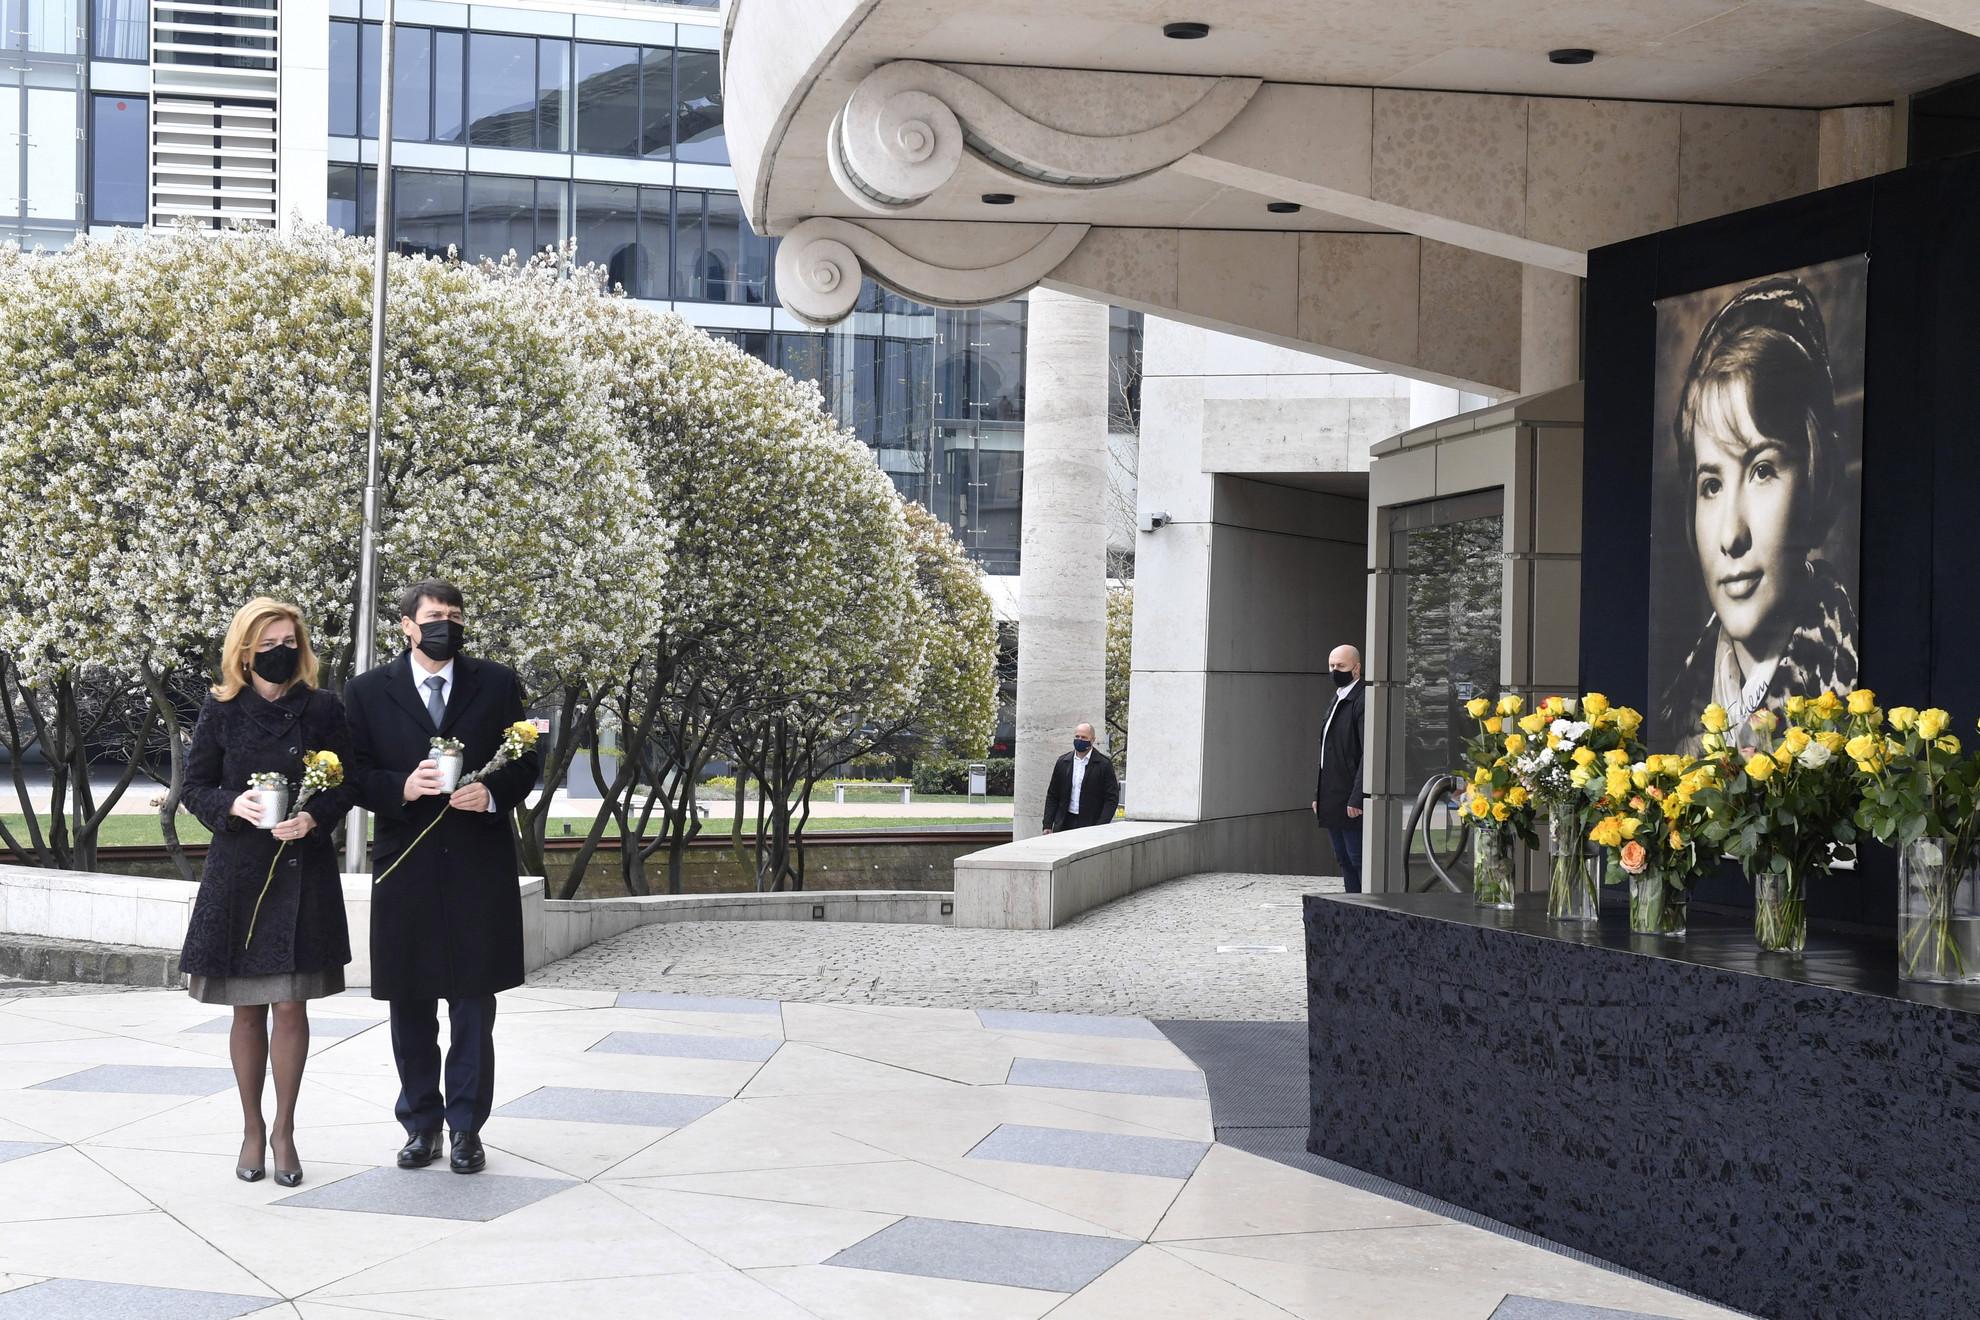 Áder János köztársasági elnök és felesége, Herczegh Anita virágot visz Törőcsik Mari Kossuth-nagydíjas, kétszeres Jászai Mari- és Balázs Béla-díjas színésznő portréjához a színház előtt 2021. április 18-án